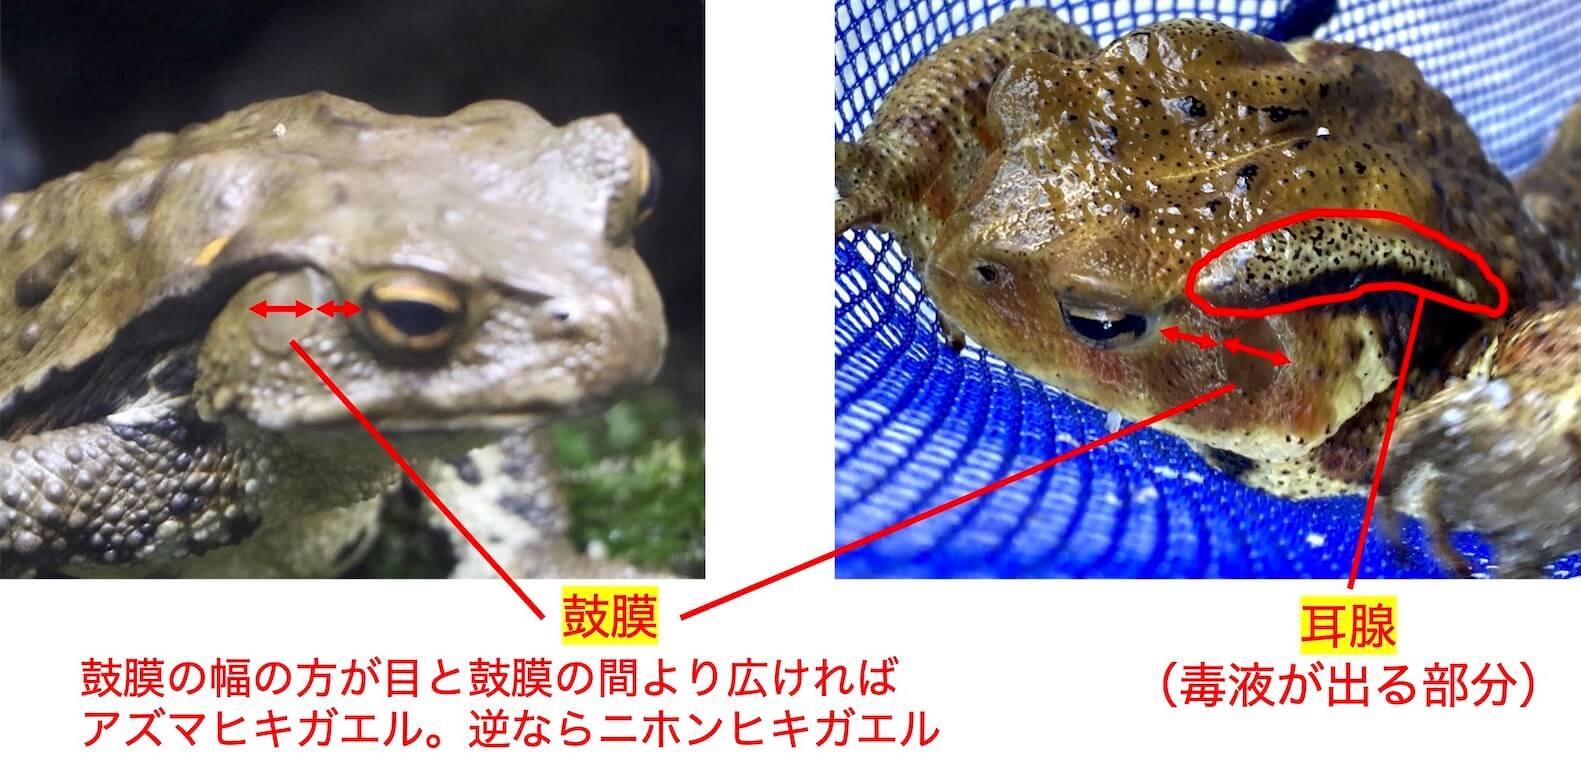 アズマヒキガエルとニホンヒキガエルの区別-2